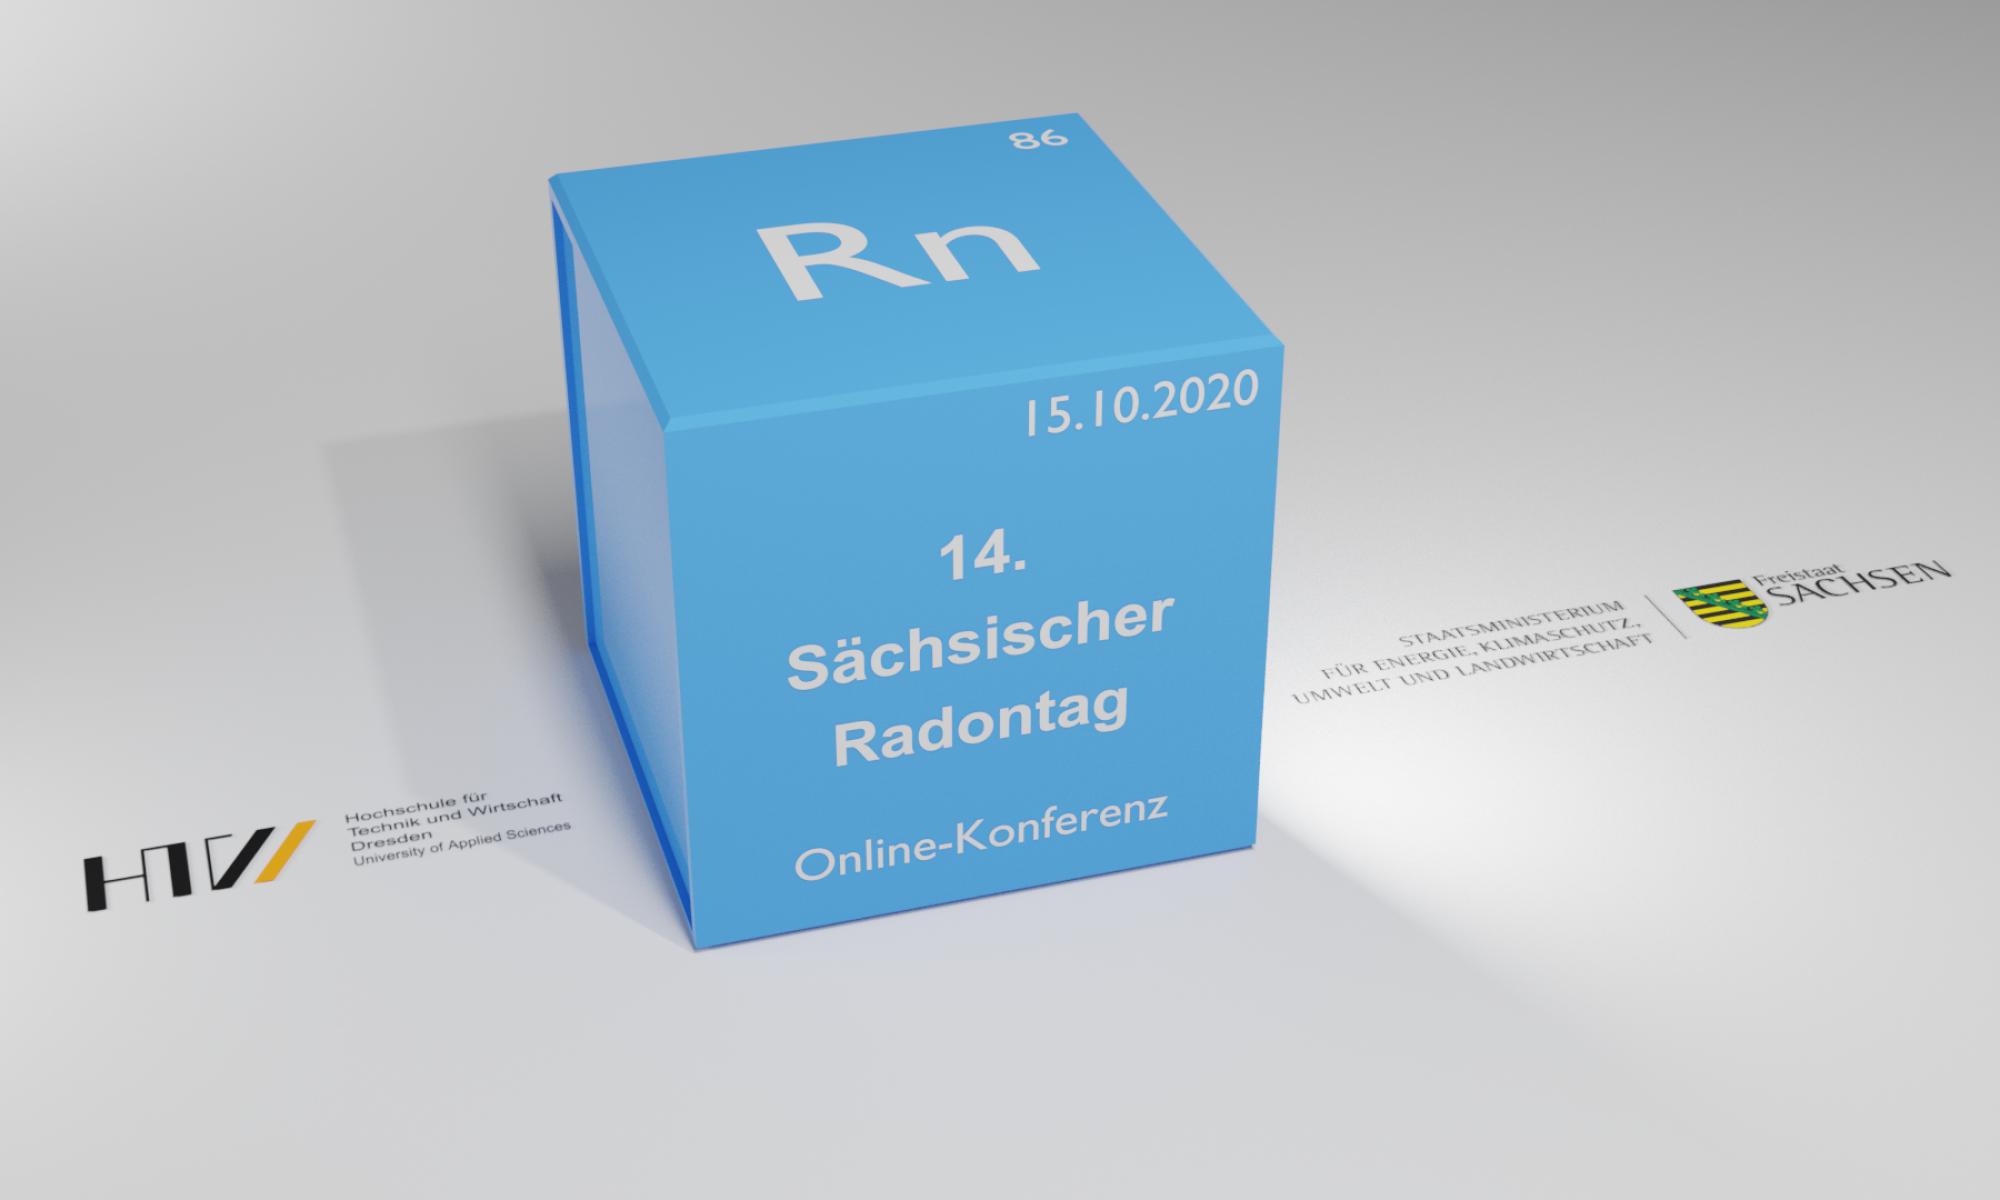 14. Sächsischer Radontag